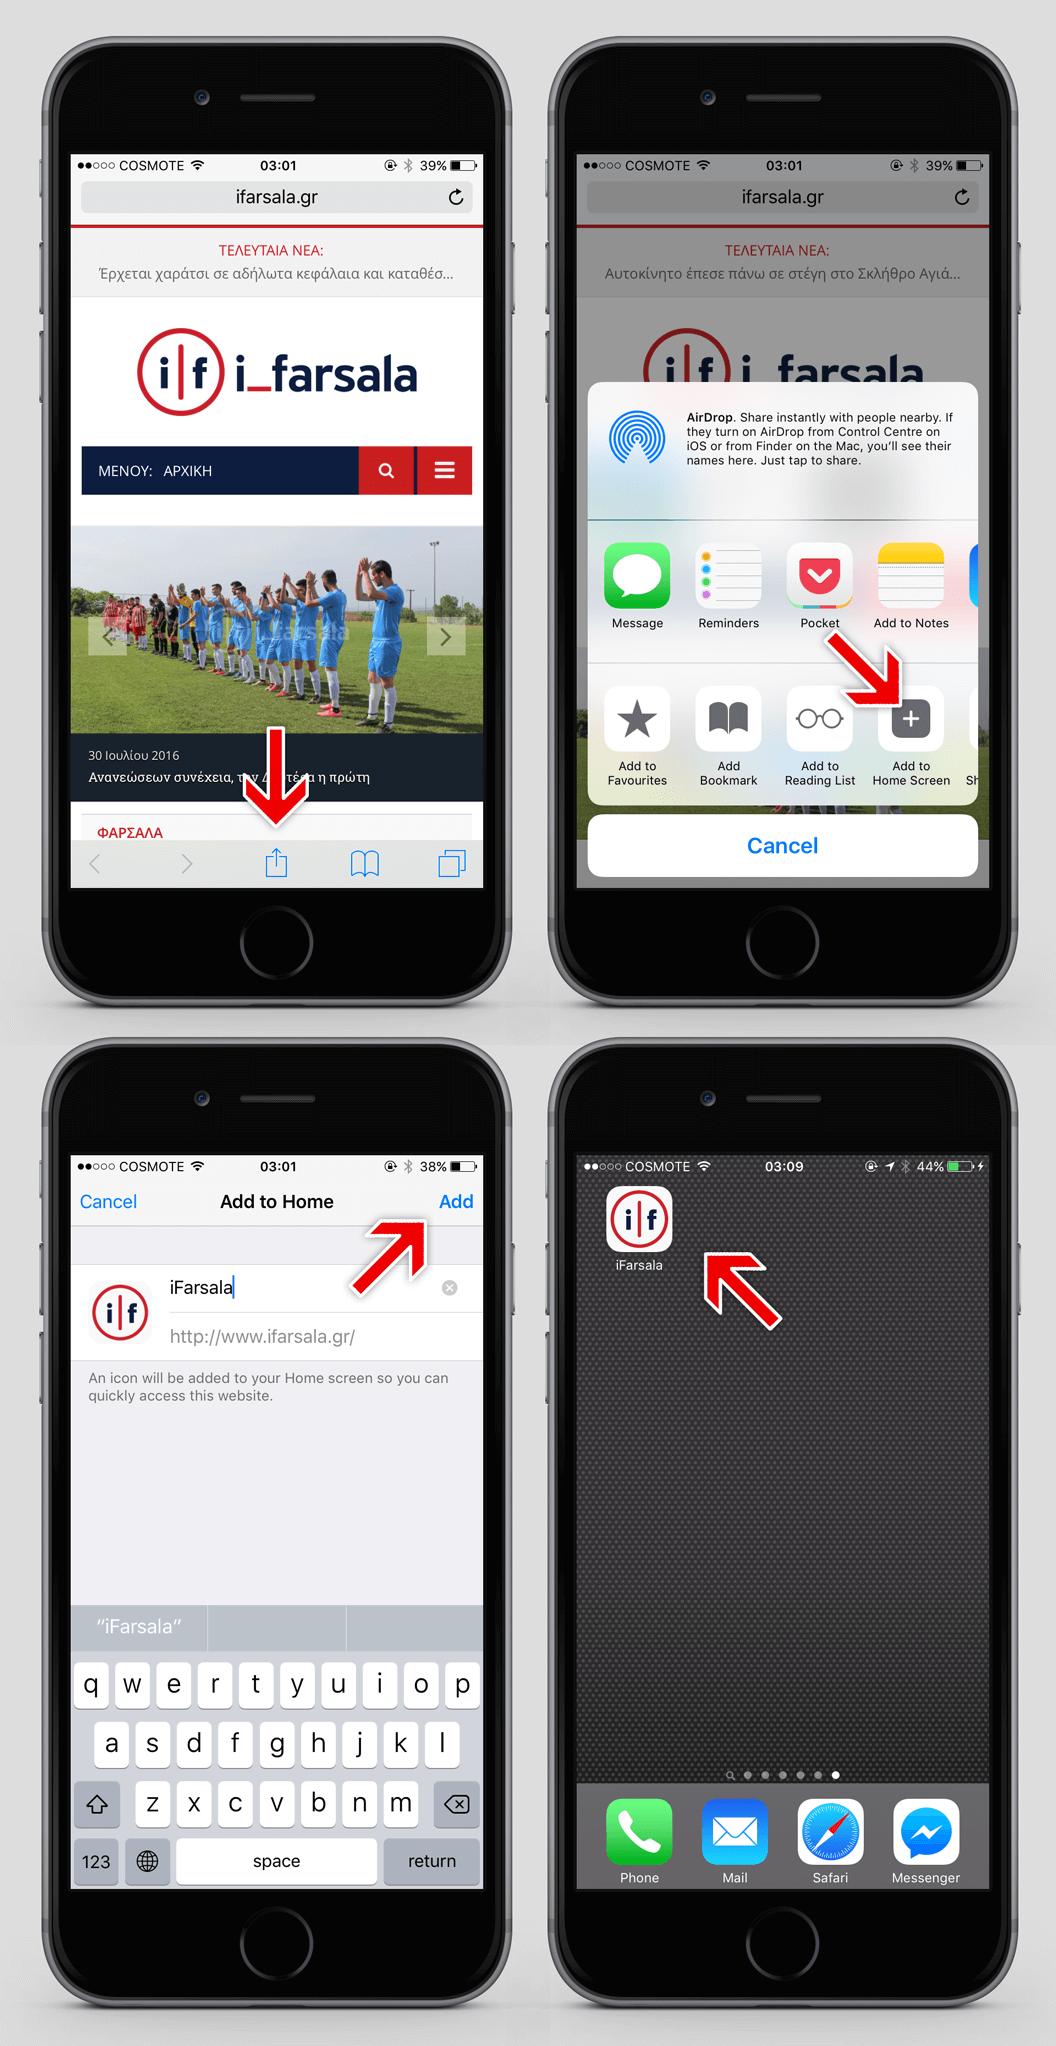 Οδηγίες για προσθήκη συντόμευσης του iFarsala στην αρχική οθόνη iOS συσκευών